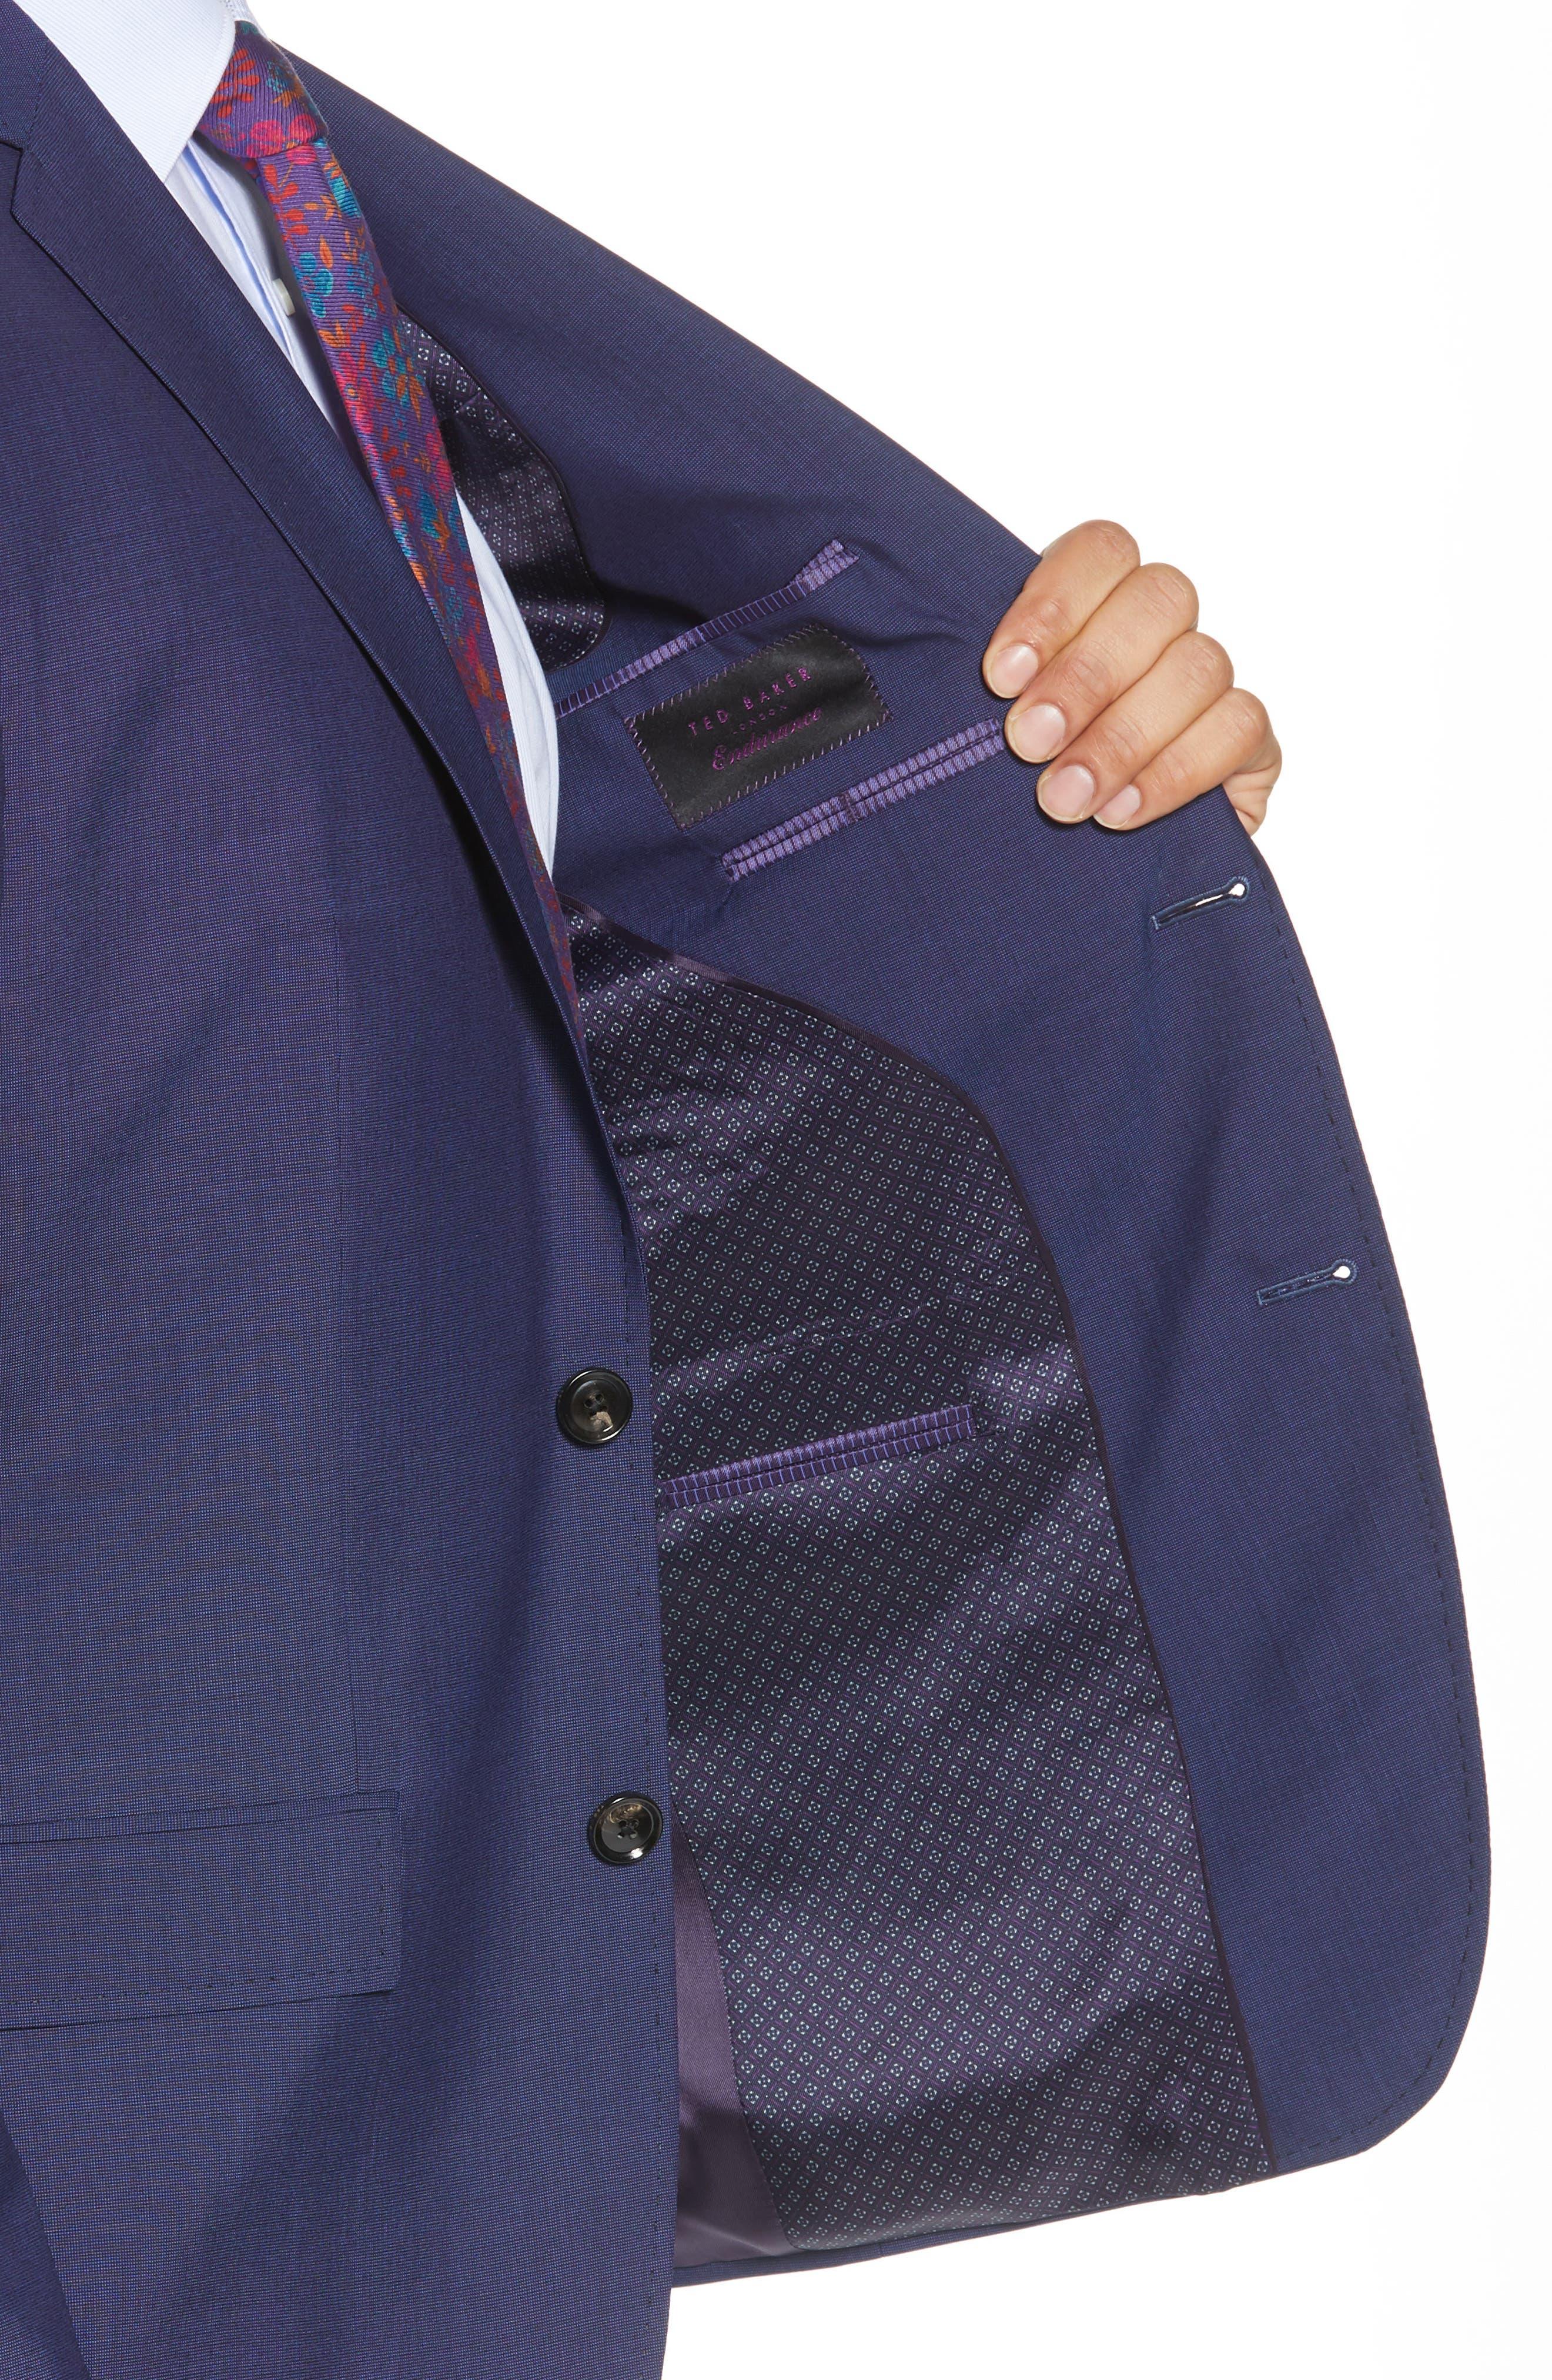 Jay Trim Fit Suit,                             Alternate thumbnail 4, color,                             BLUE